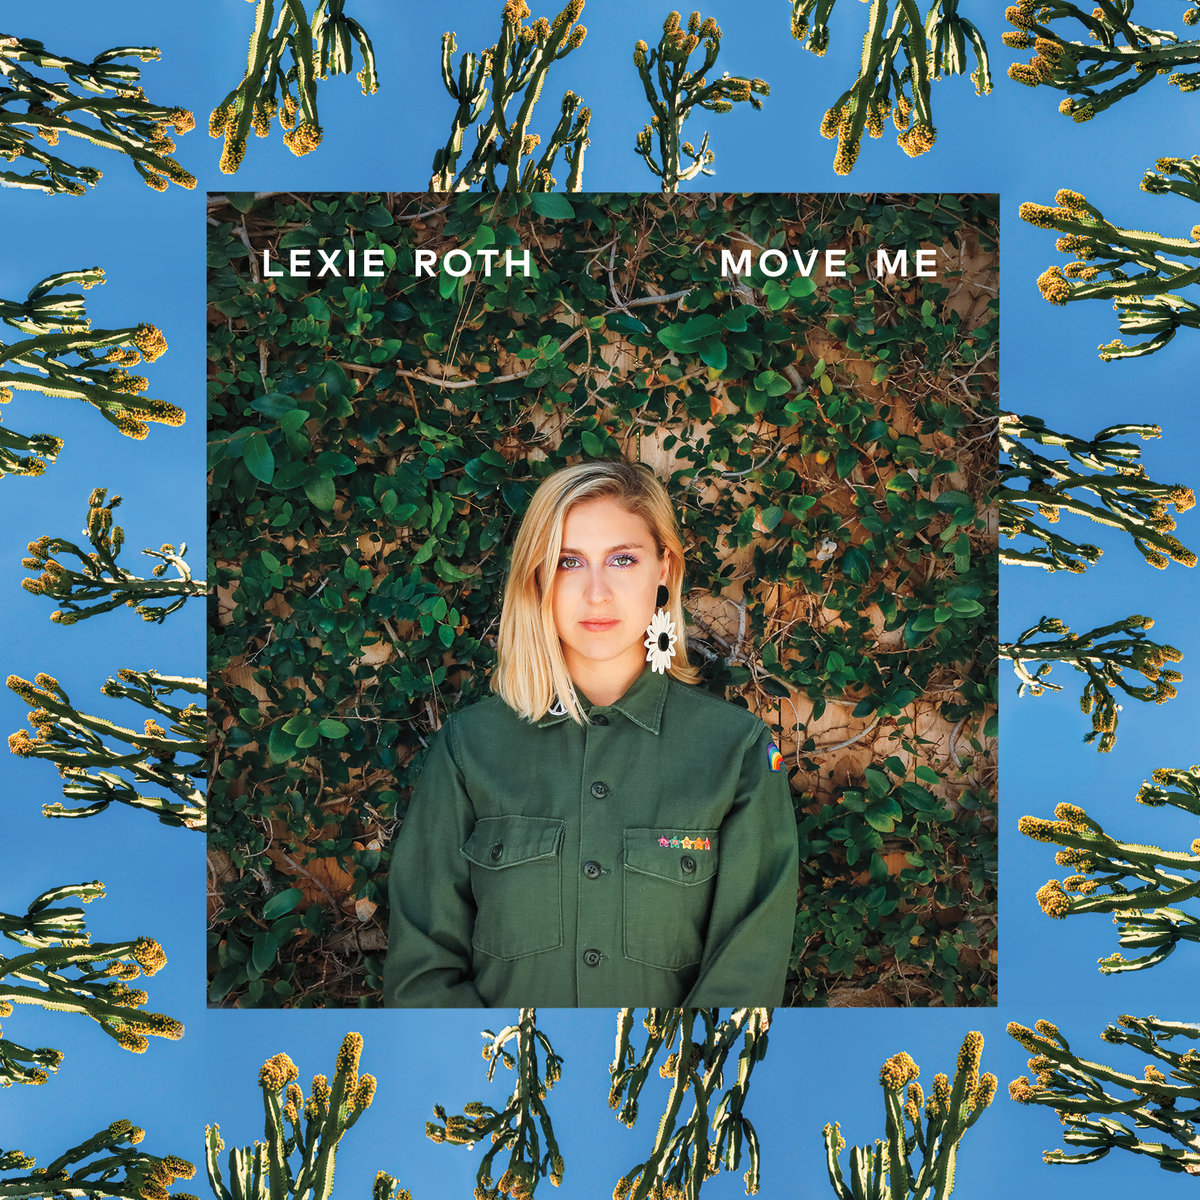 Lexie Roth Music Videos